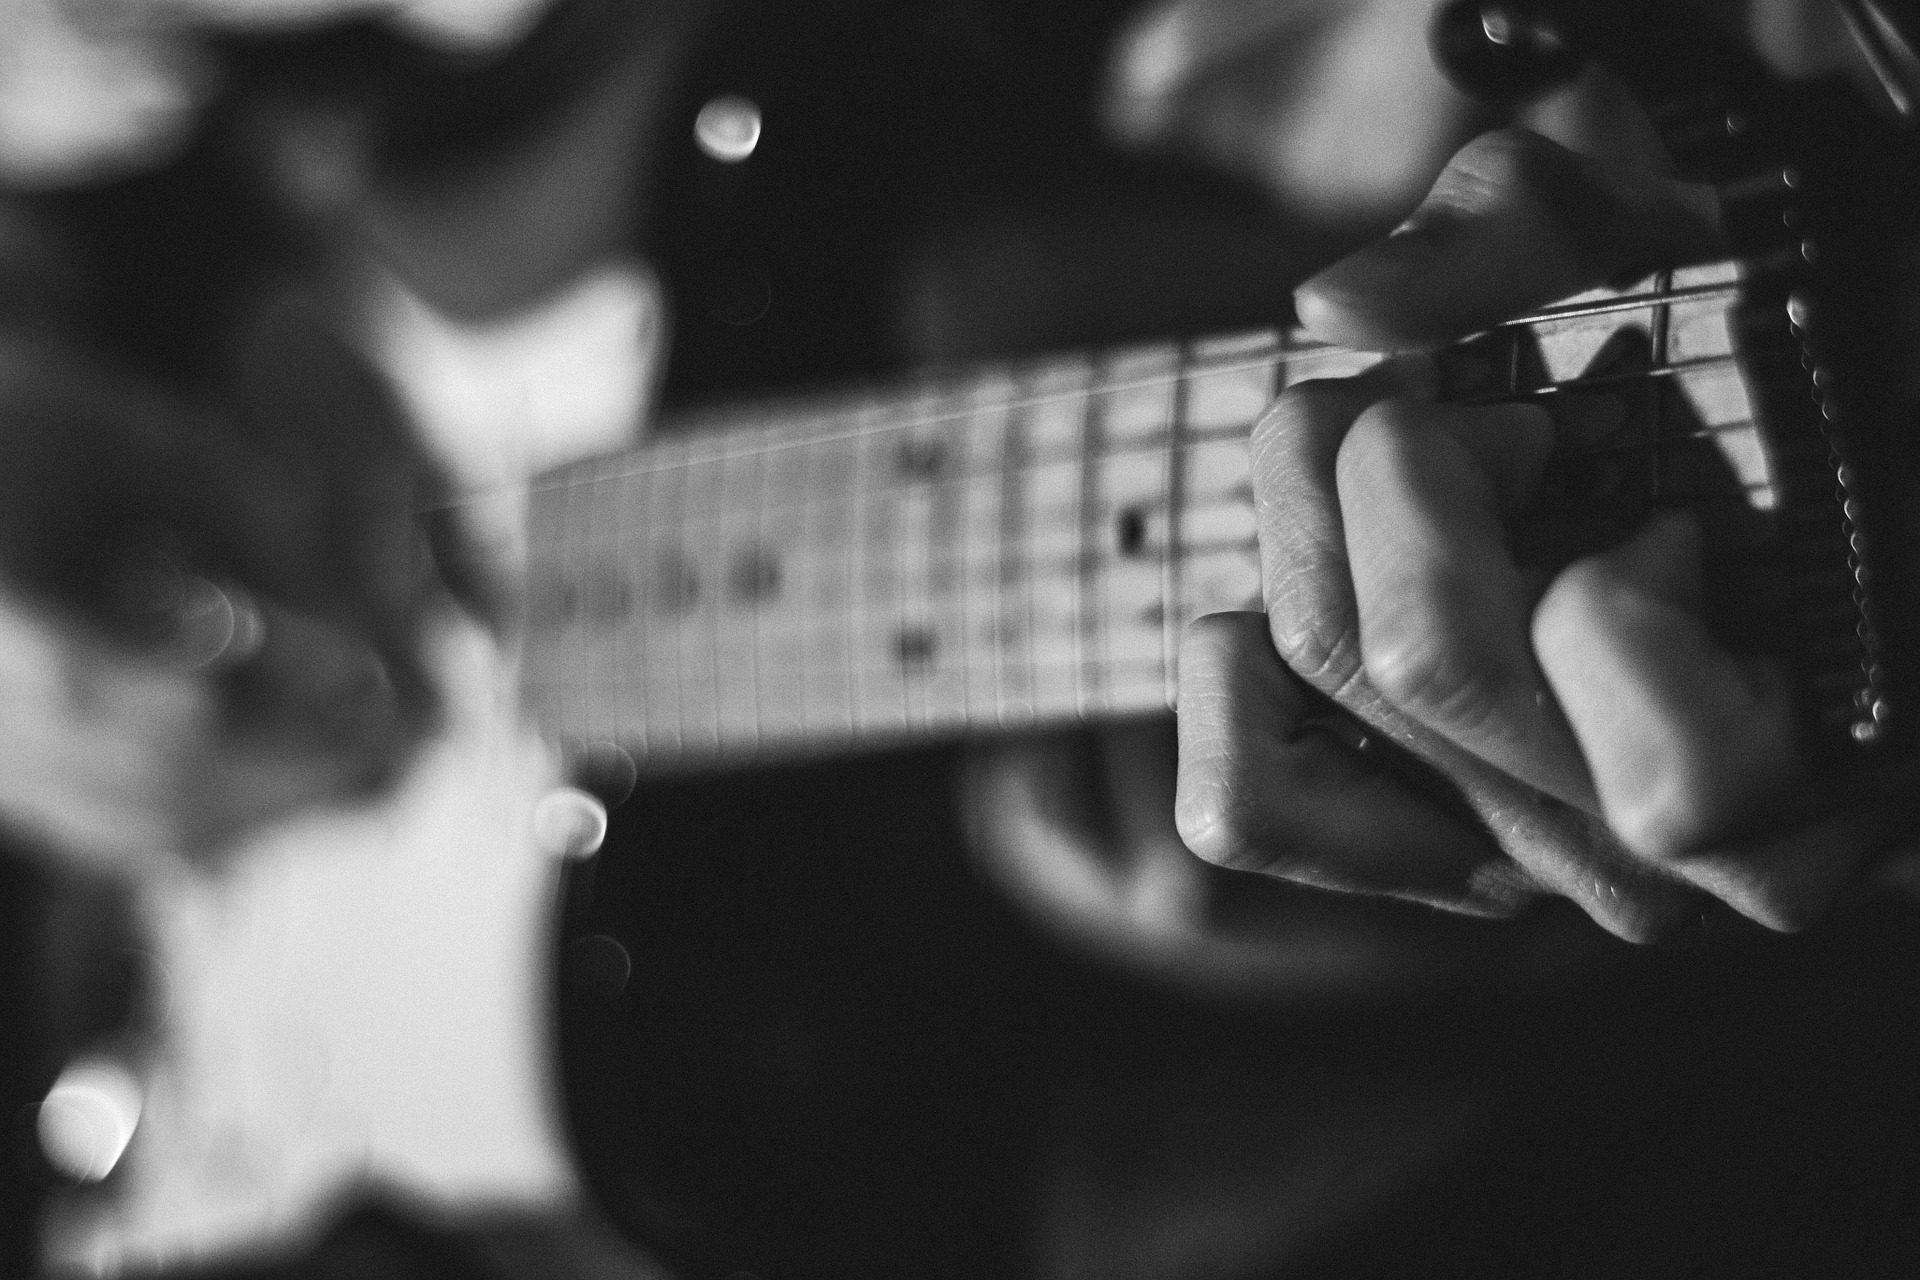 Gitarre, Mast, Streicher, Hände, in schwarz und weiß - Wallpaper HD - Prof.-falken.com